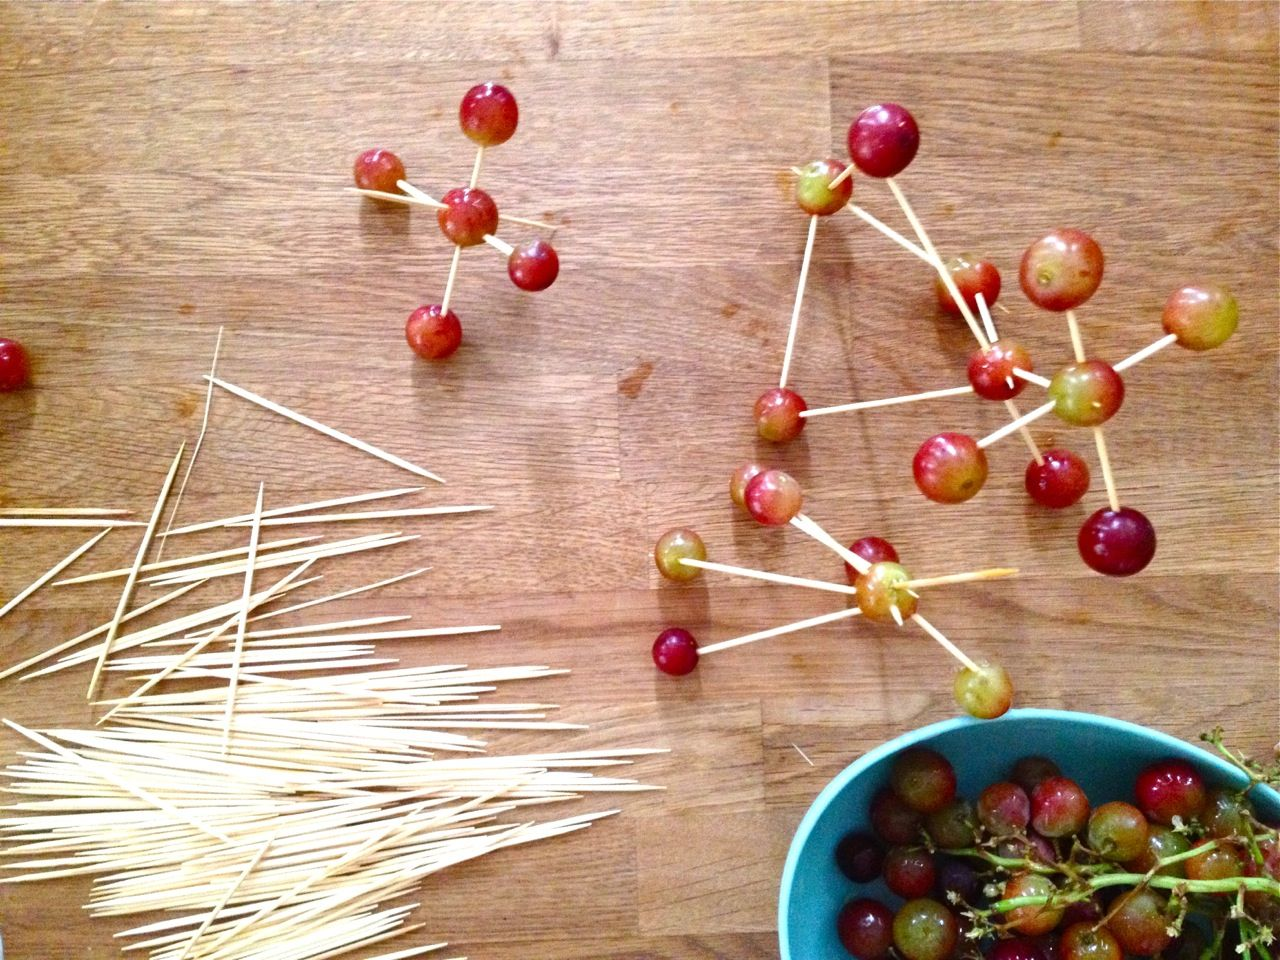 grape sculptures